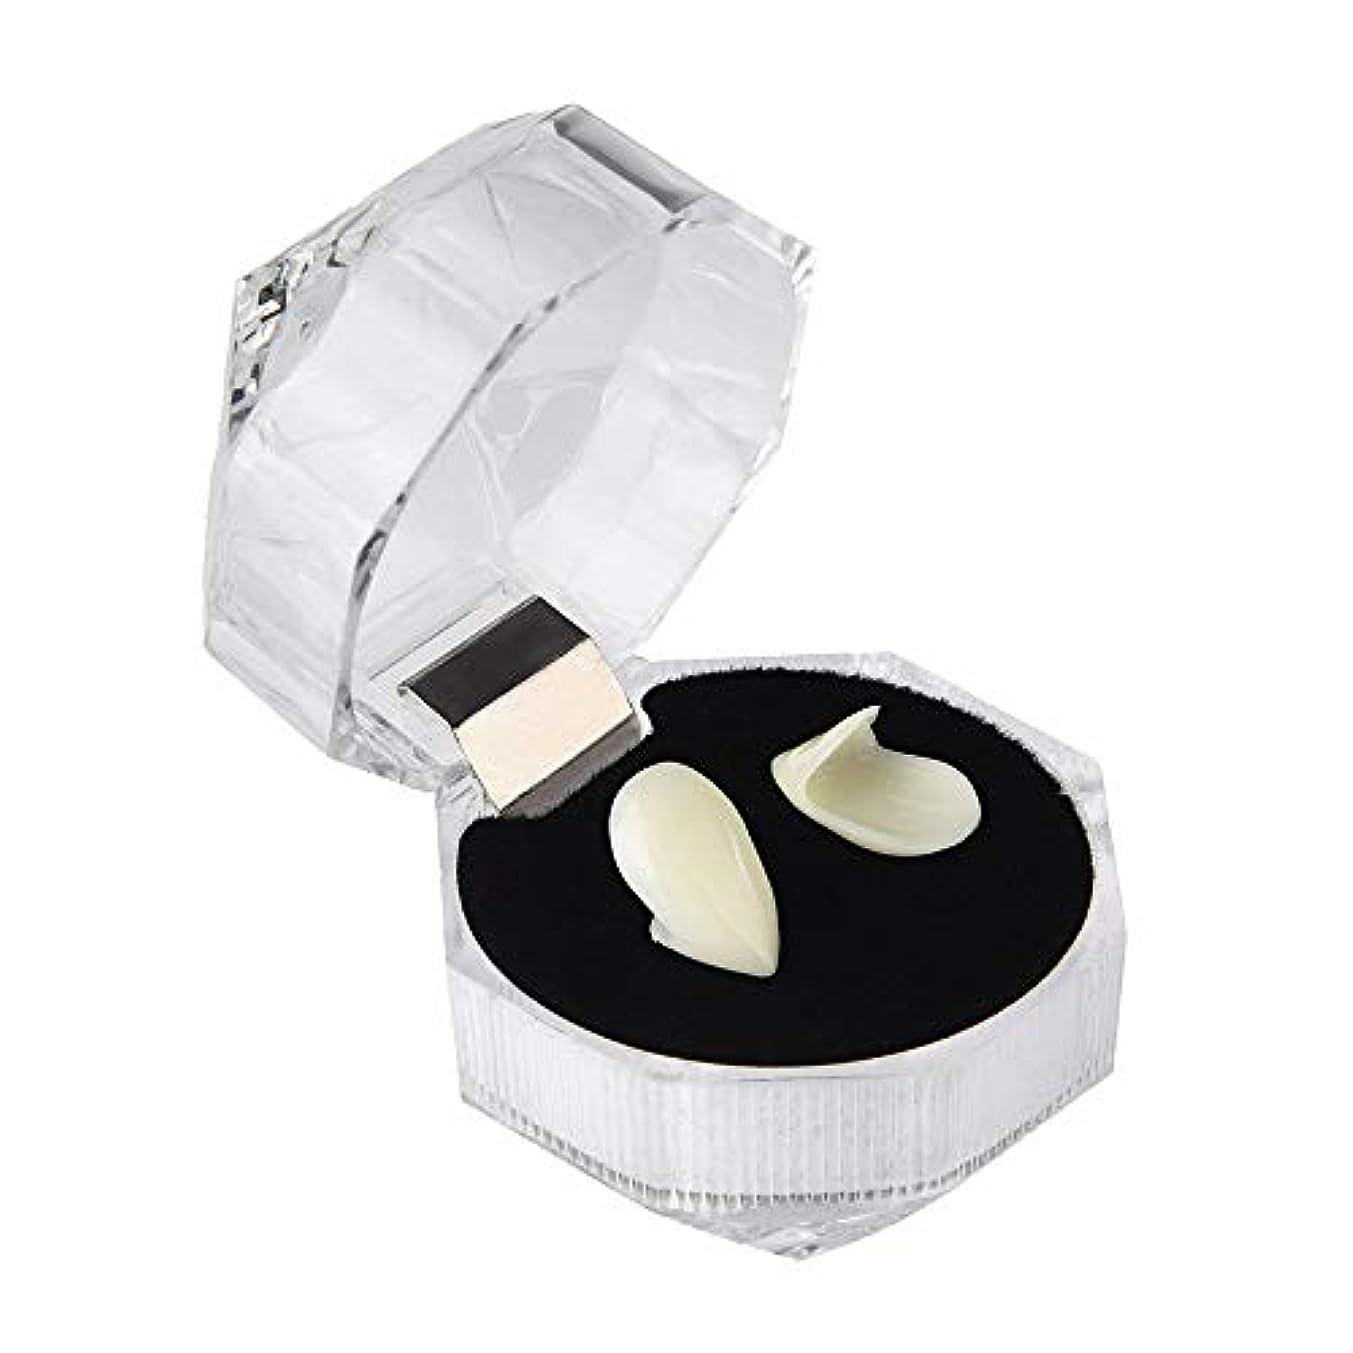 なんとなく引っ張るリビングルームユニセックスハロウィンロールプレイングゾンビ義歯、樹脂にやさしい食品グレード義歯(歯のジェル付き),13mm